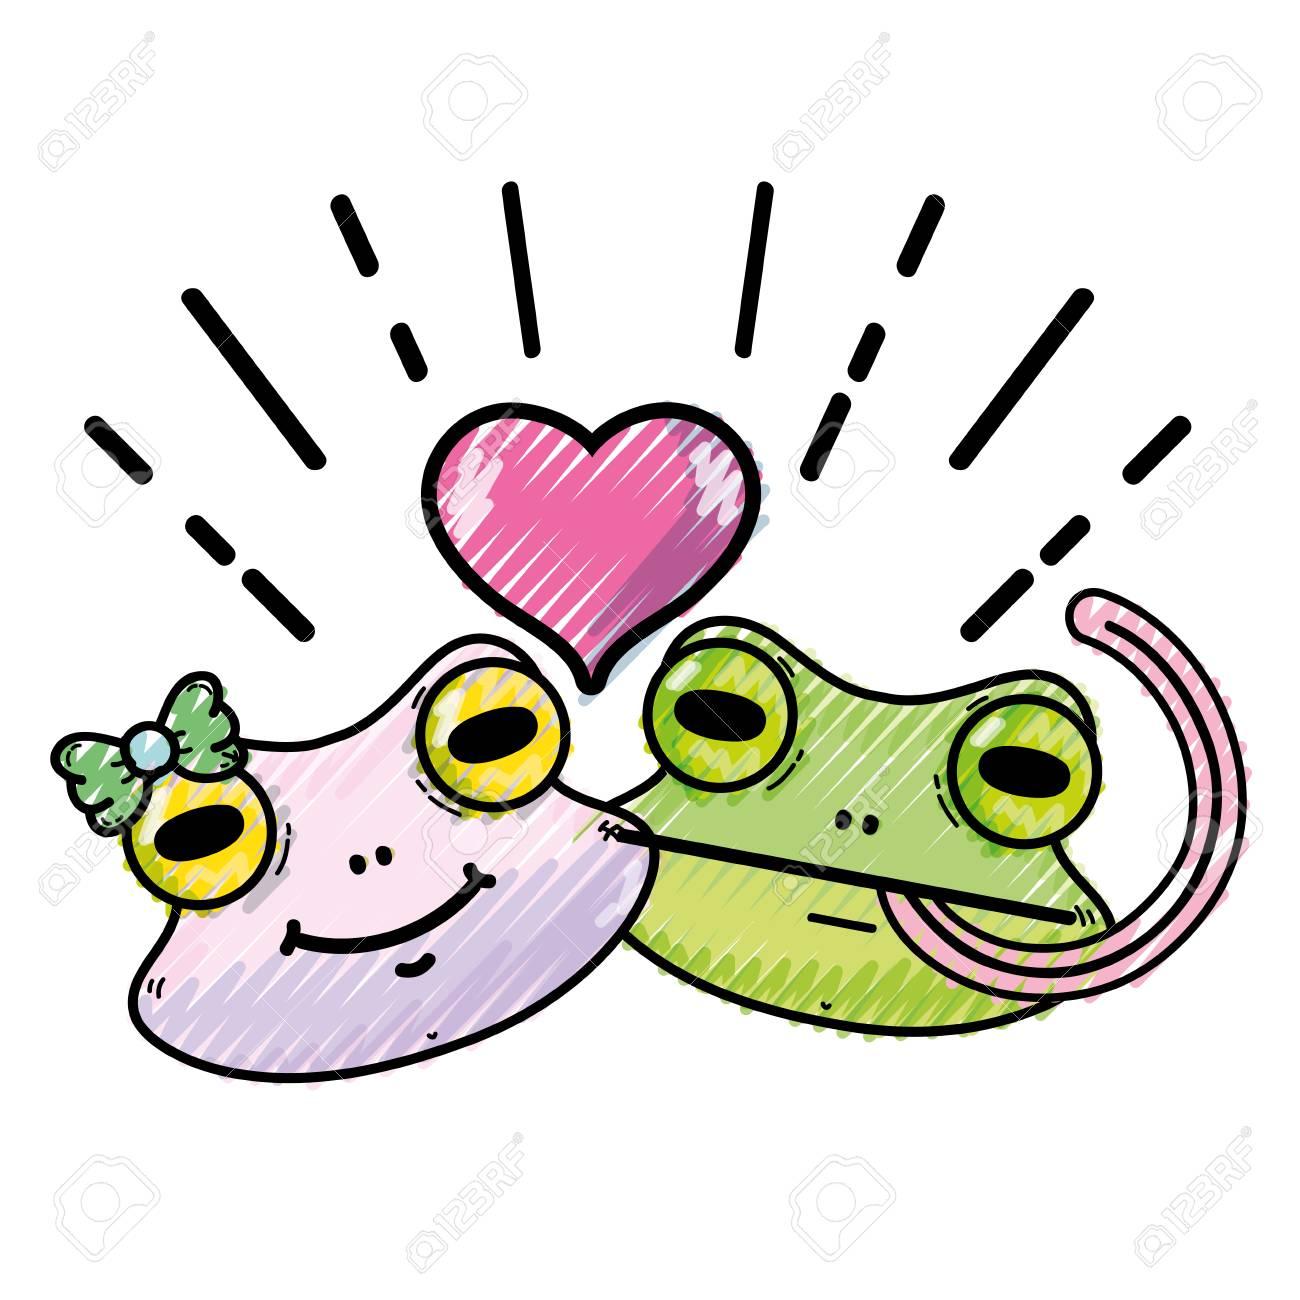 ハート デザイン ベクトル イラストかわいいカエル夫婦動物をおろしの